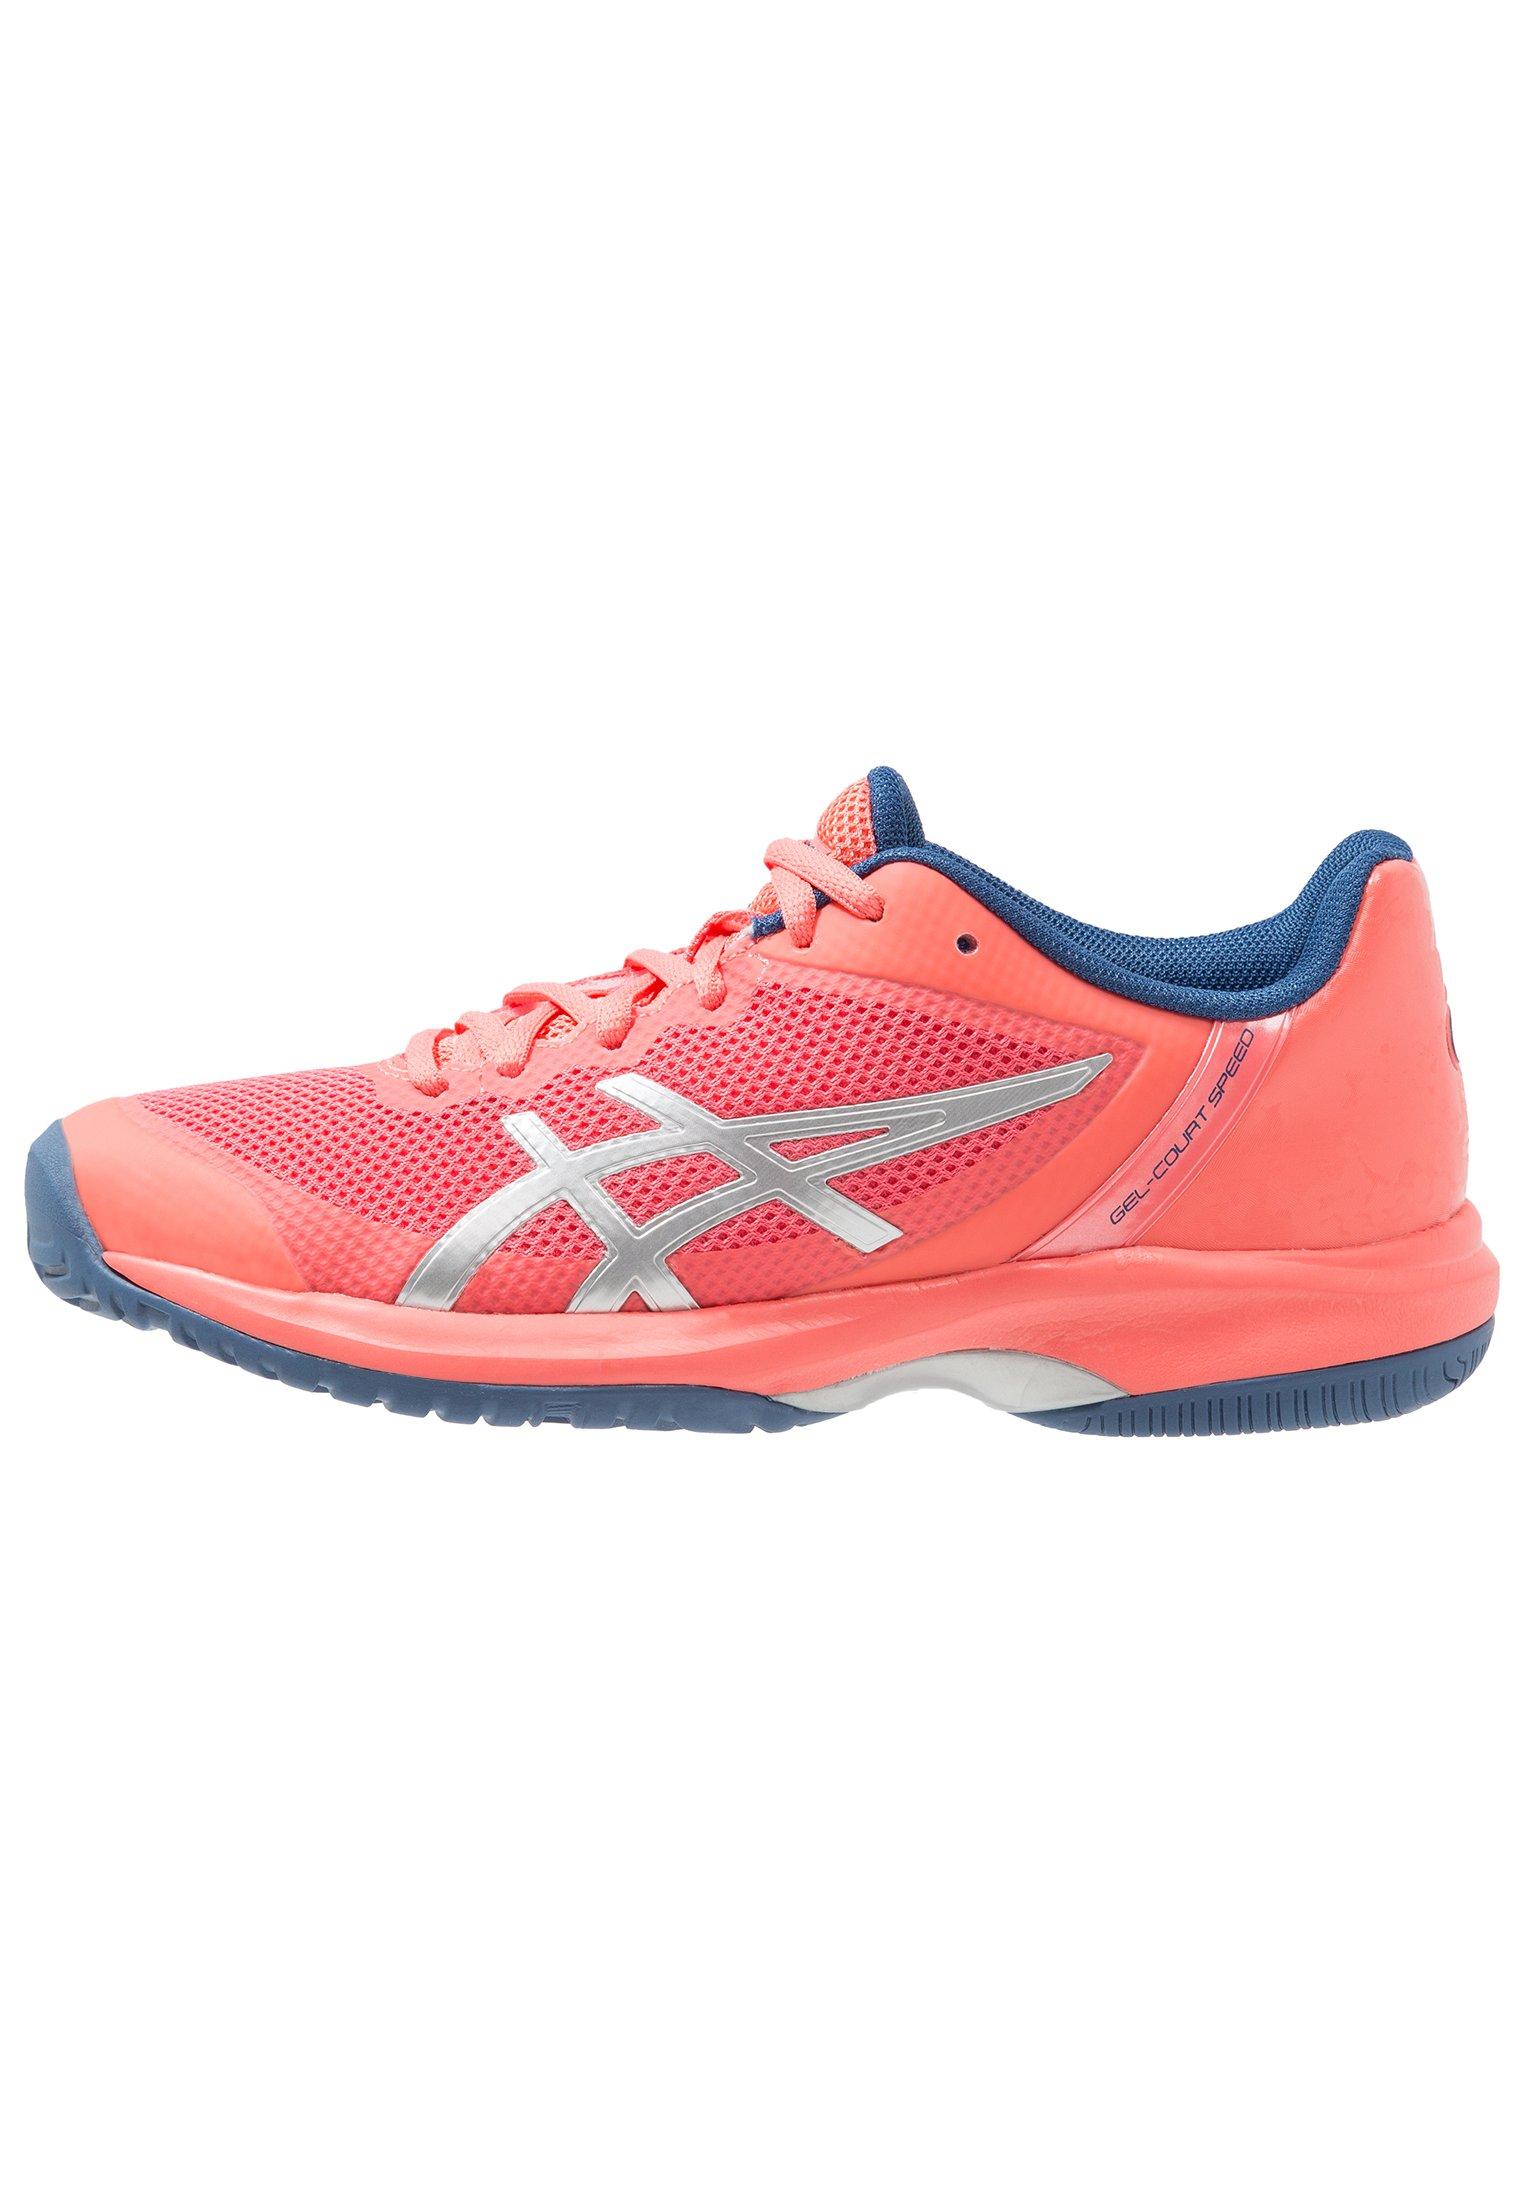 Chaussures de tennis femme en promo | La sélection de Zalando